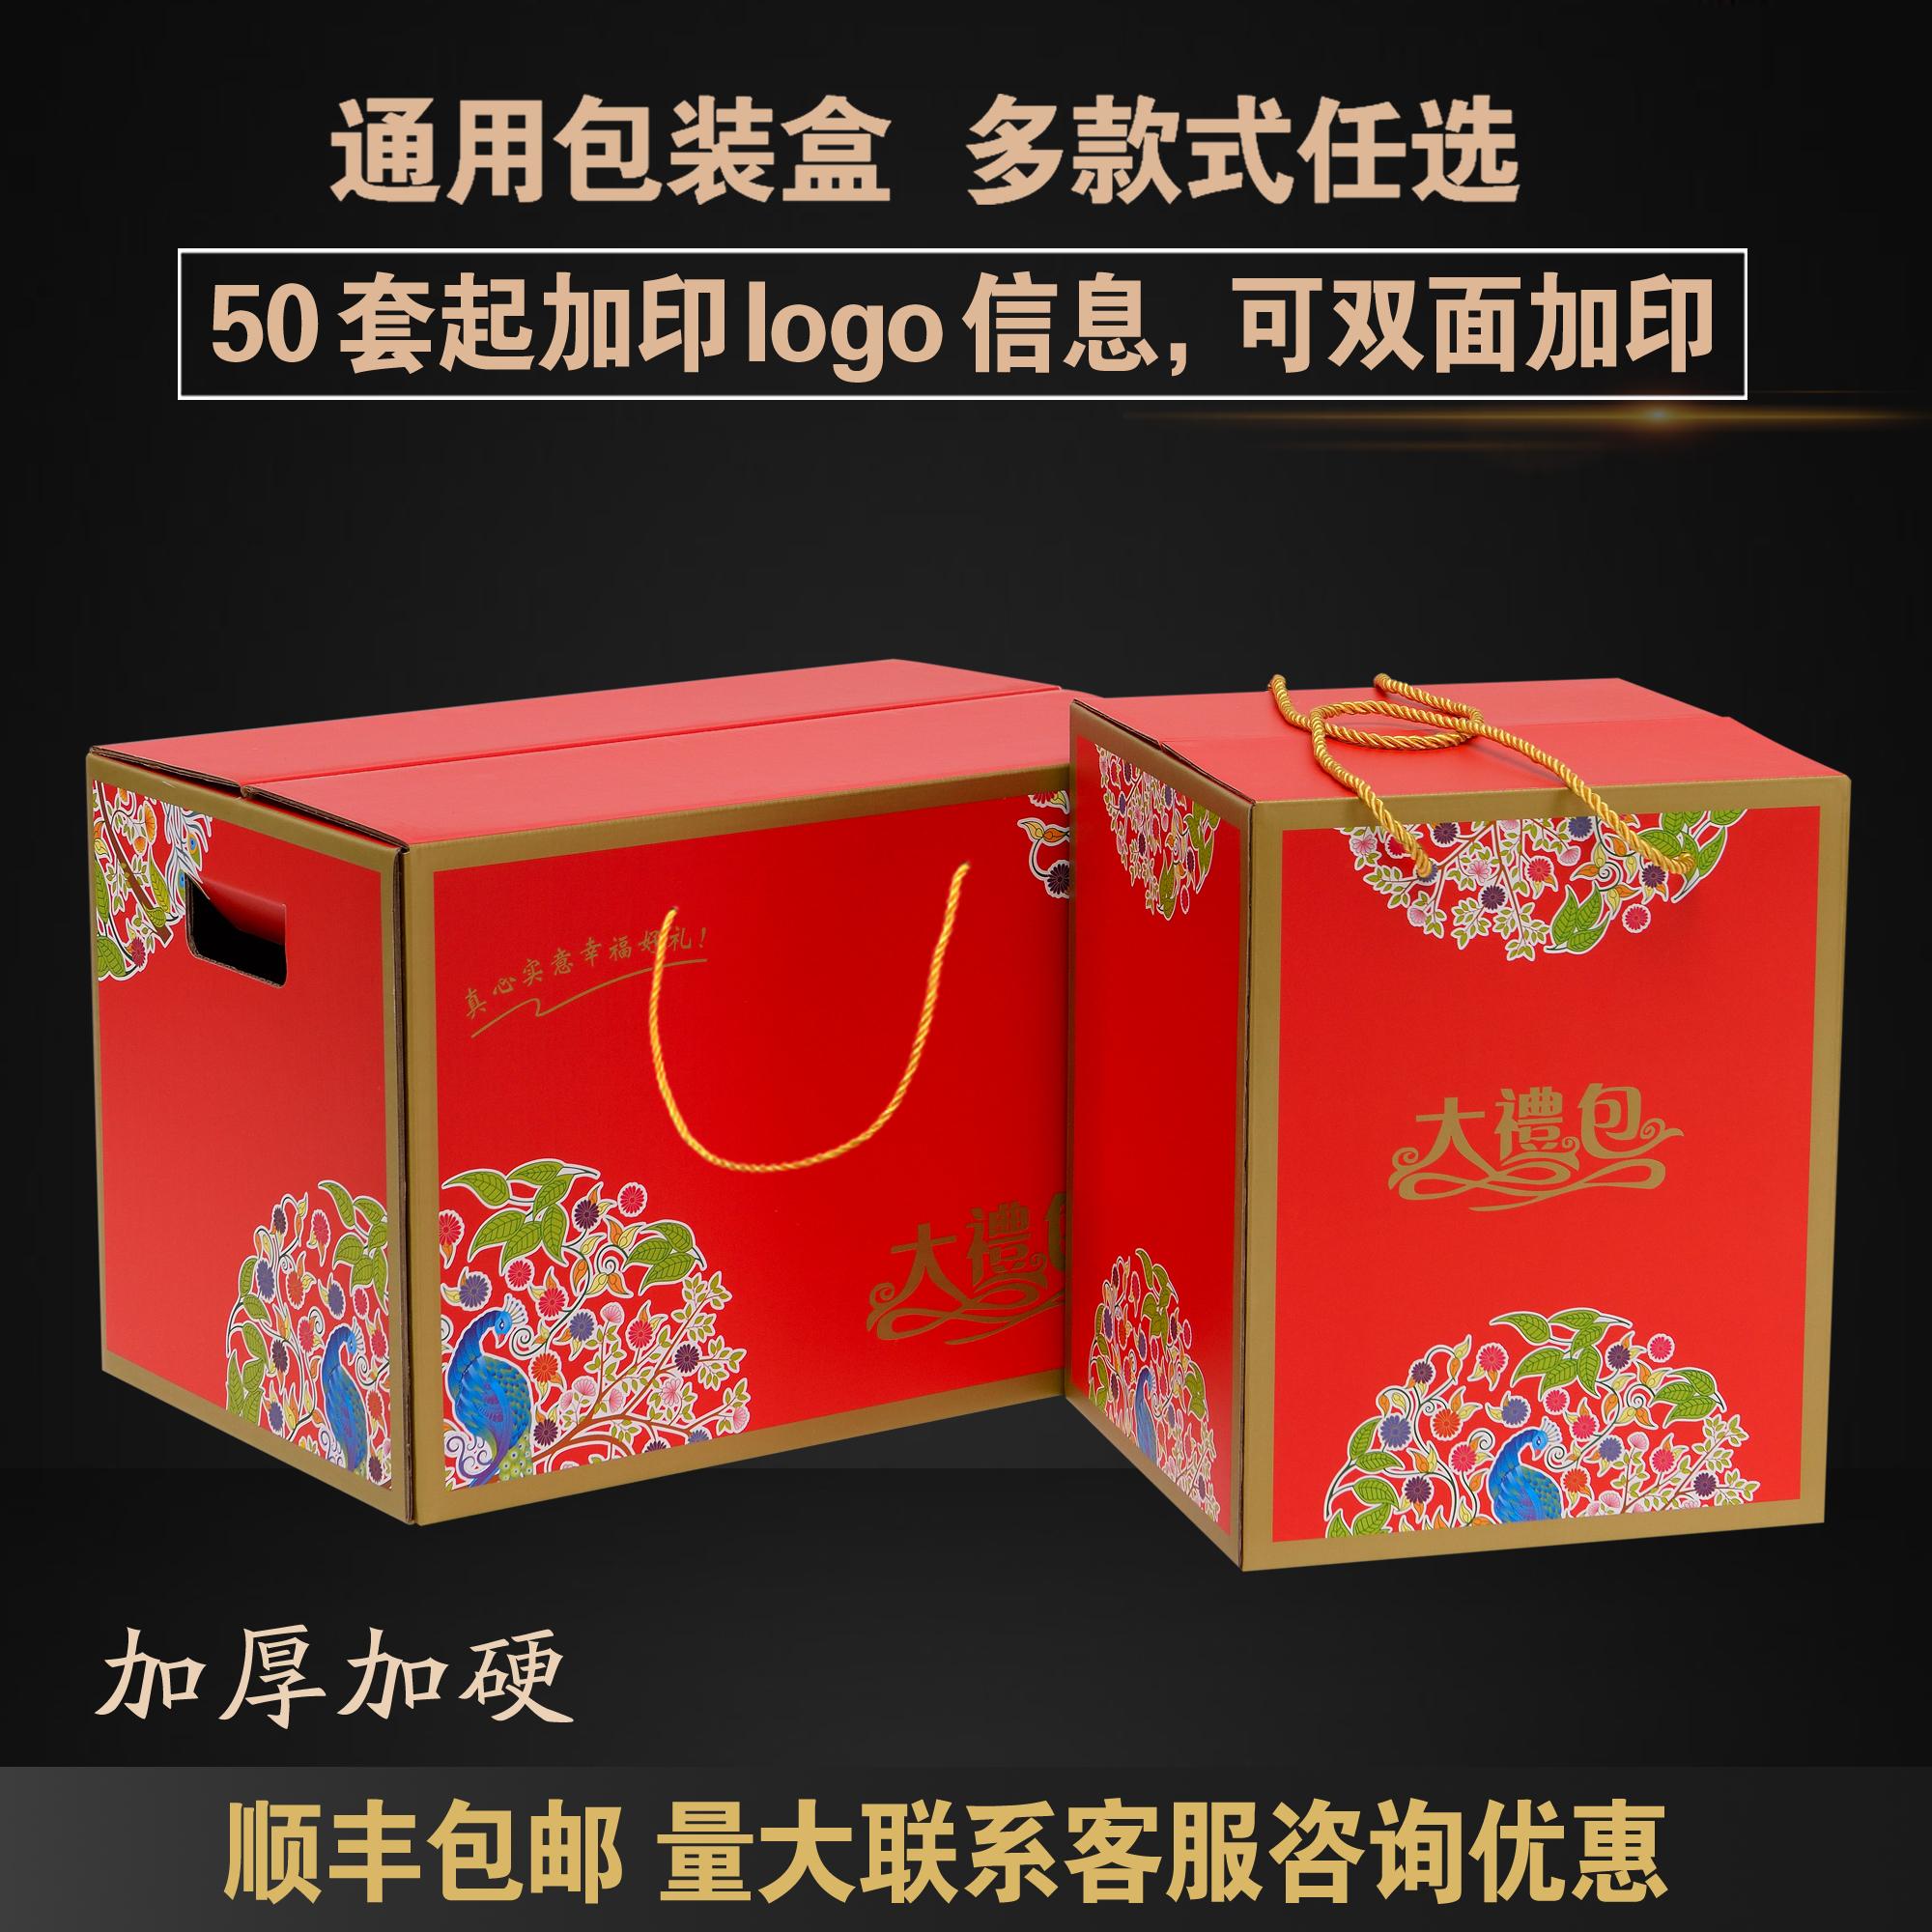 年货通用大礼包礼品盒包装盒熟食海鲜干货高档手提礼盒包装盒定制